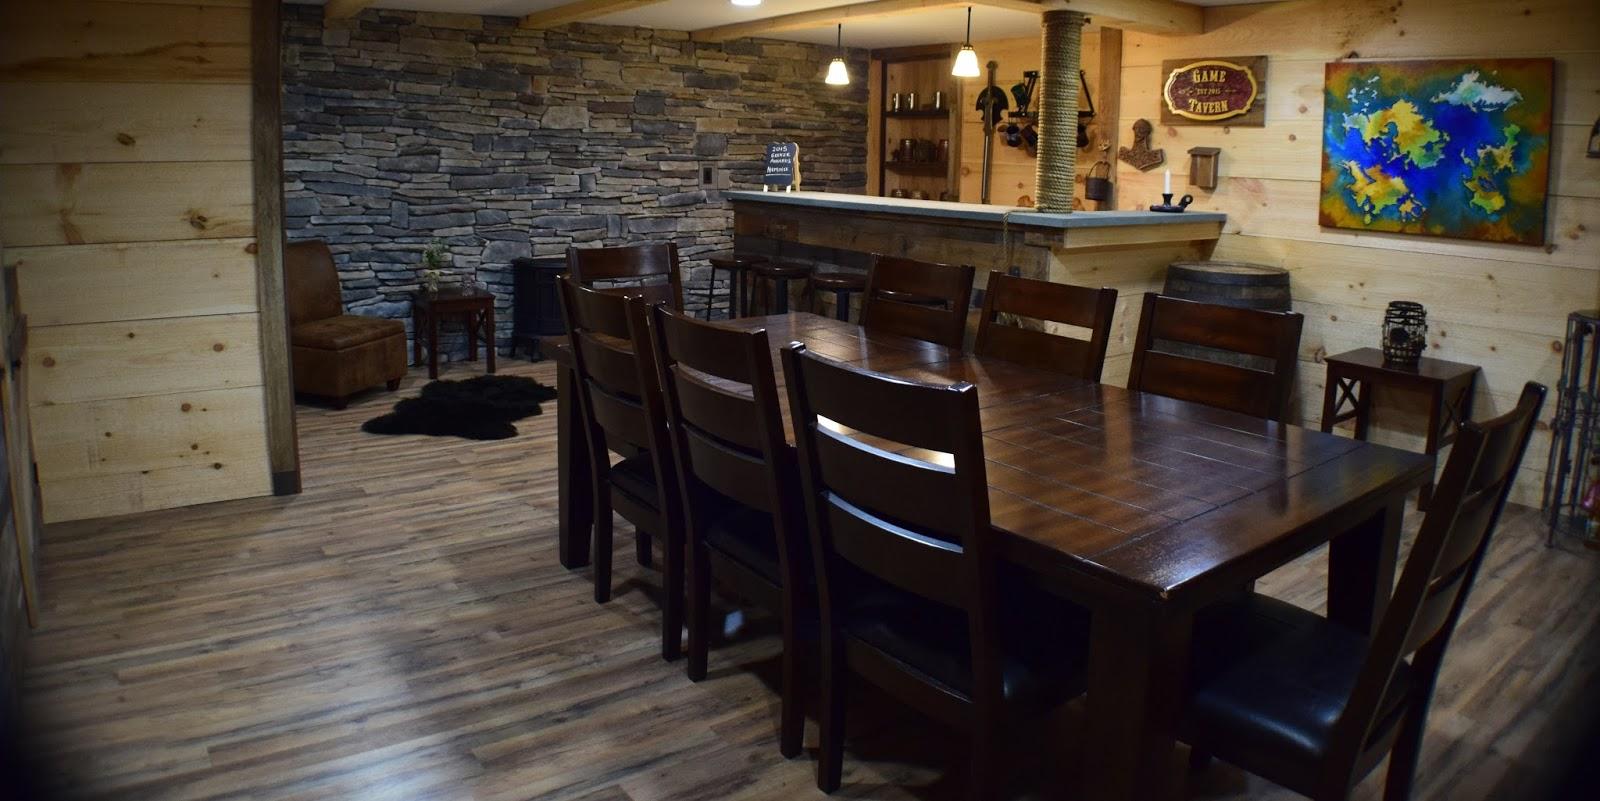 ultanya vote for the game tavern. Black Bedroom Furniture Sets. Home Design Ideas